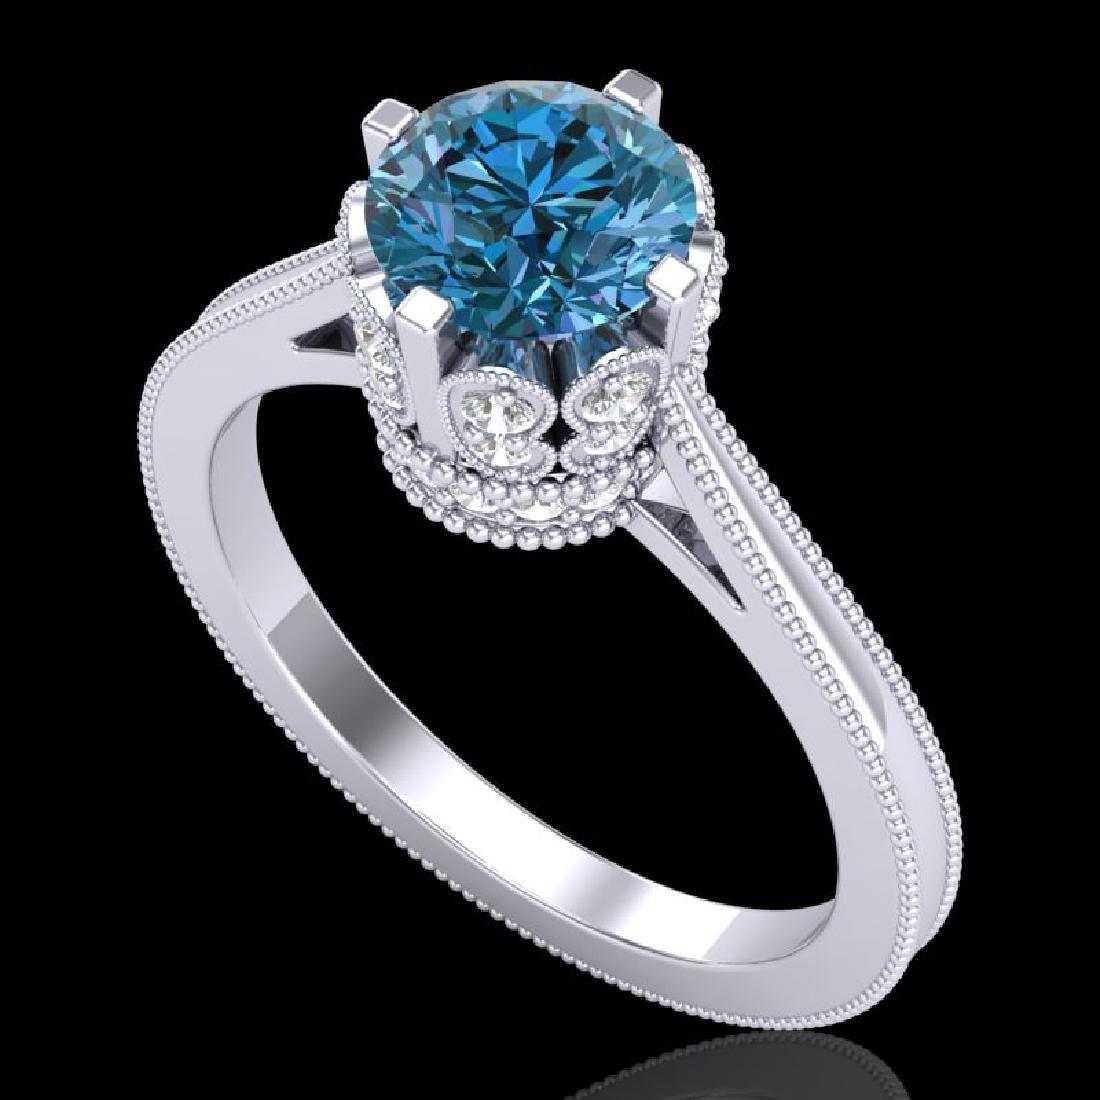 1.5 CTW Fancy Intense Blue Diamond Engagement Art Deco